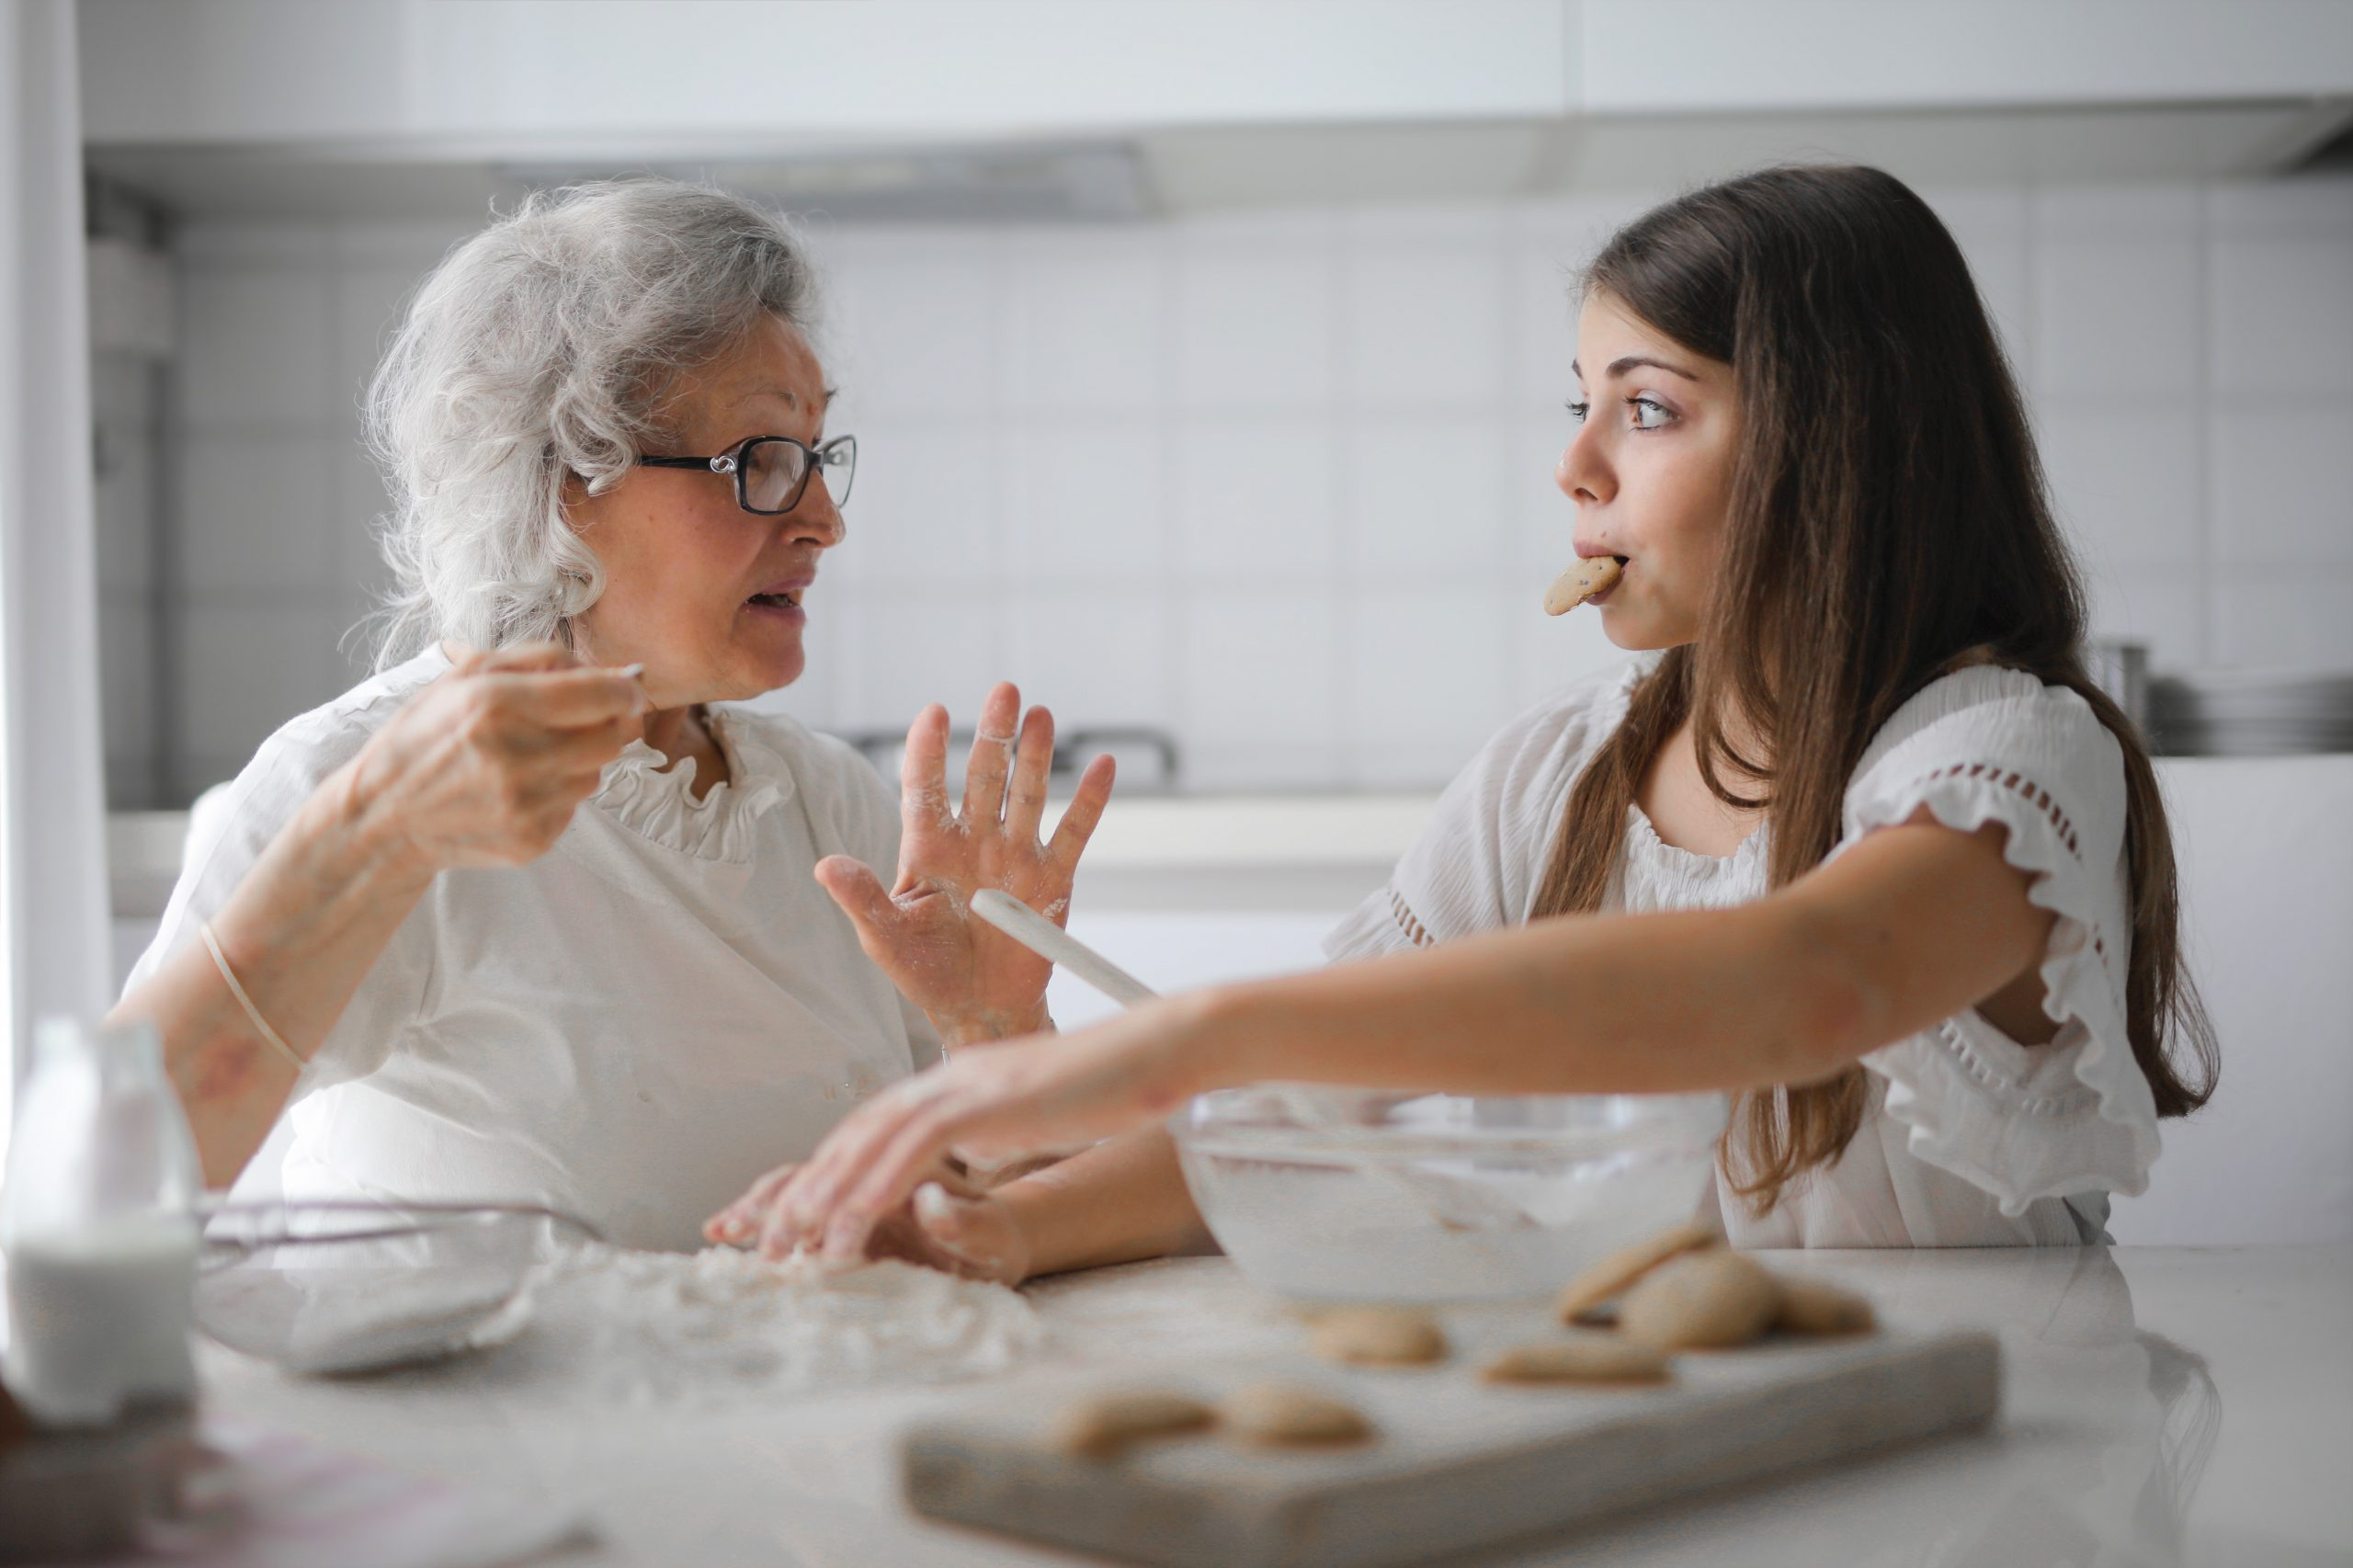 Demencia: ¿cómo distinguir los olvidos normales de los patológicos?